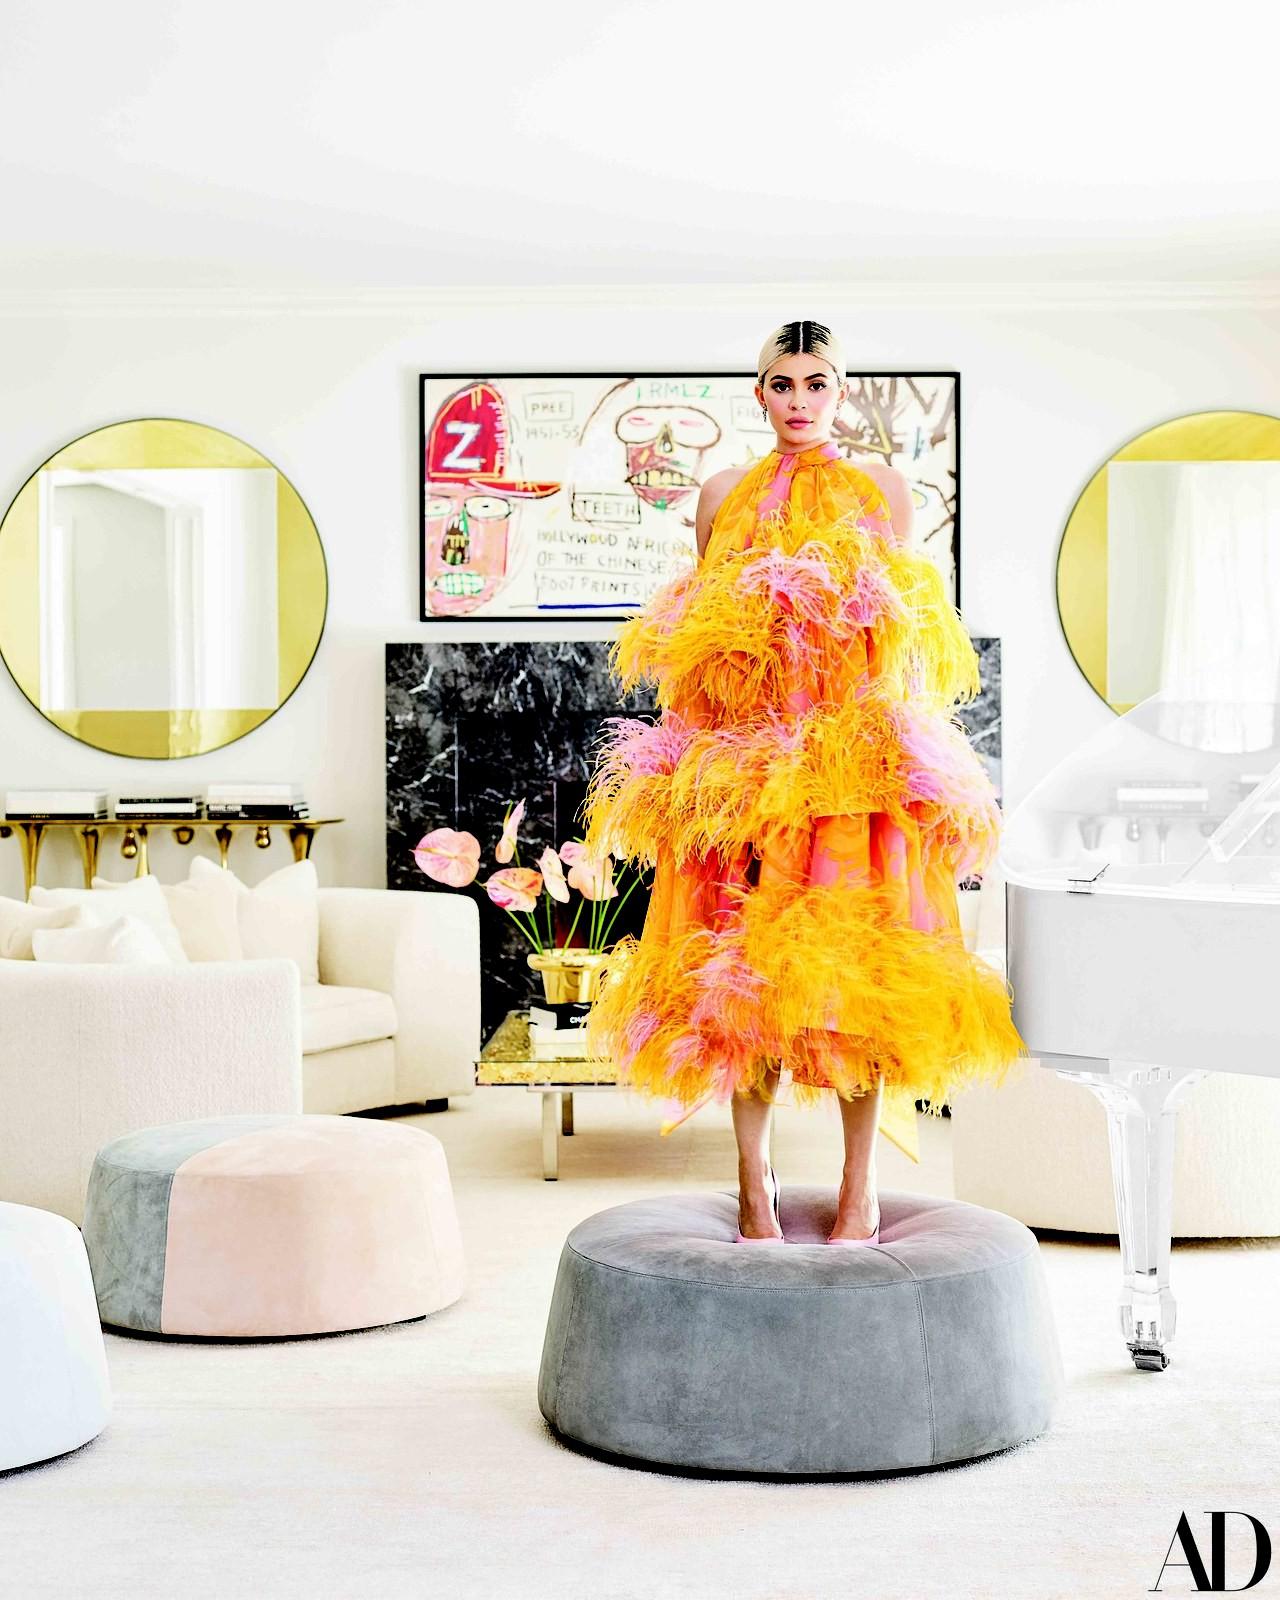 Giàu có và sành điệu như Kylie Jenner: Đến khăn tắm cũng phải là đồ hiệu Louis Vuitton, chi hơn 200 triệu chỉ để lau người - Ảnh 1.